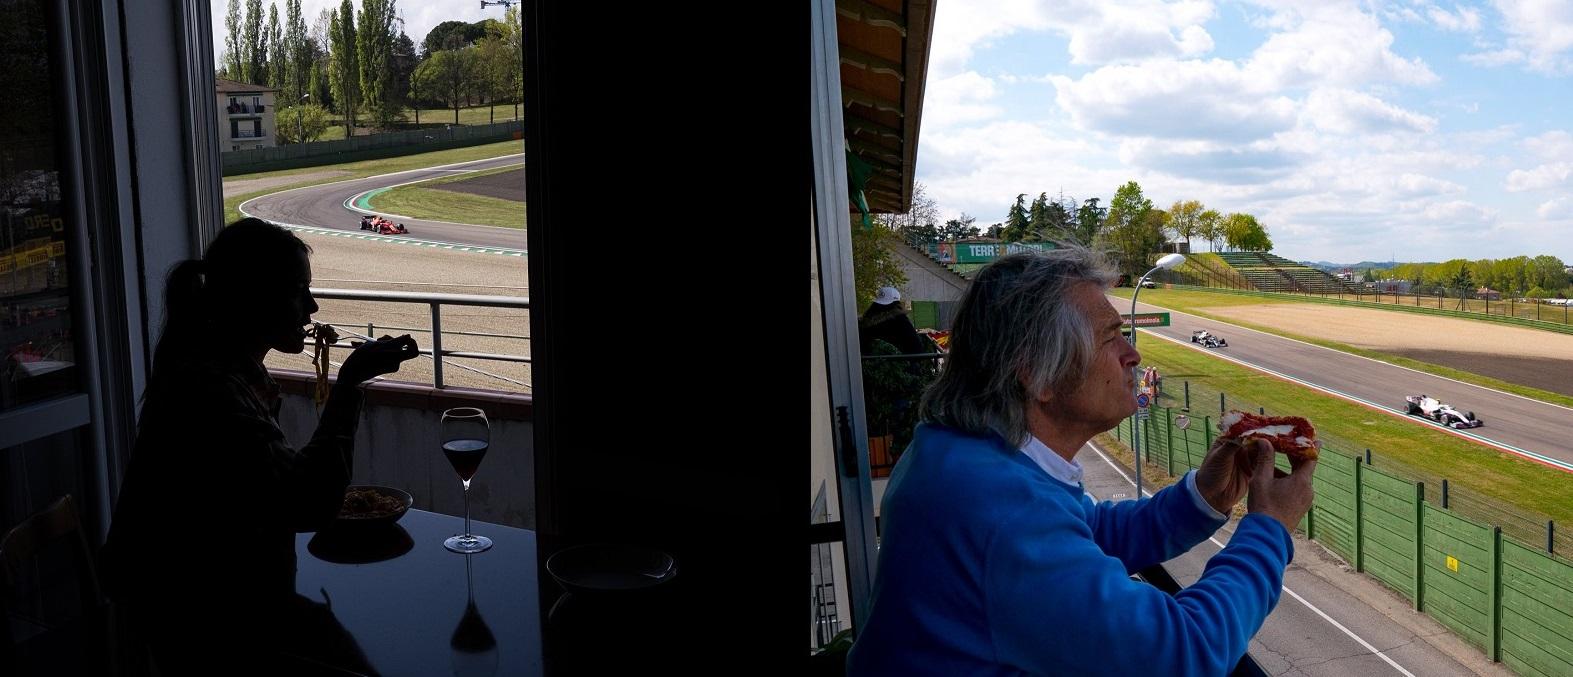 FOTO: Formula 1 s-a întors la Imola în cel mai italienesc mod posibil: cu pizza și paste